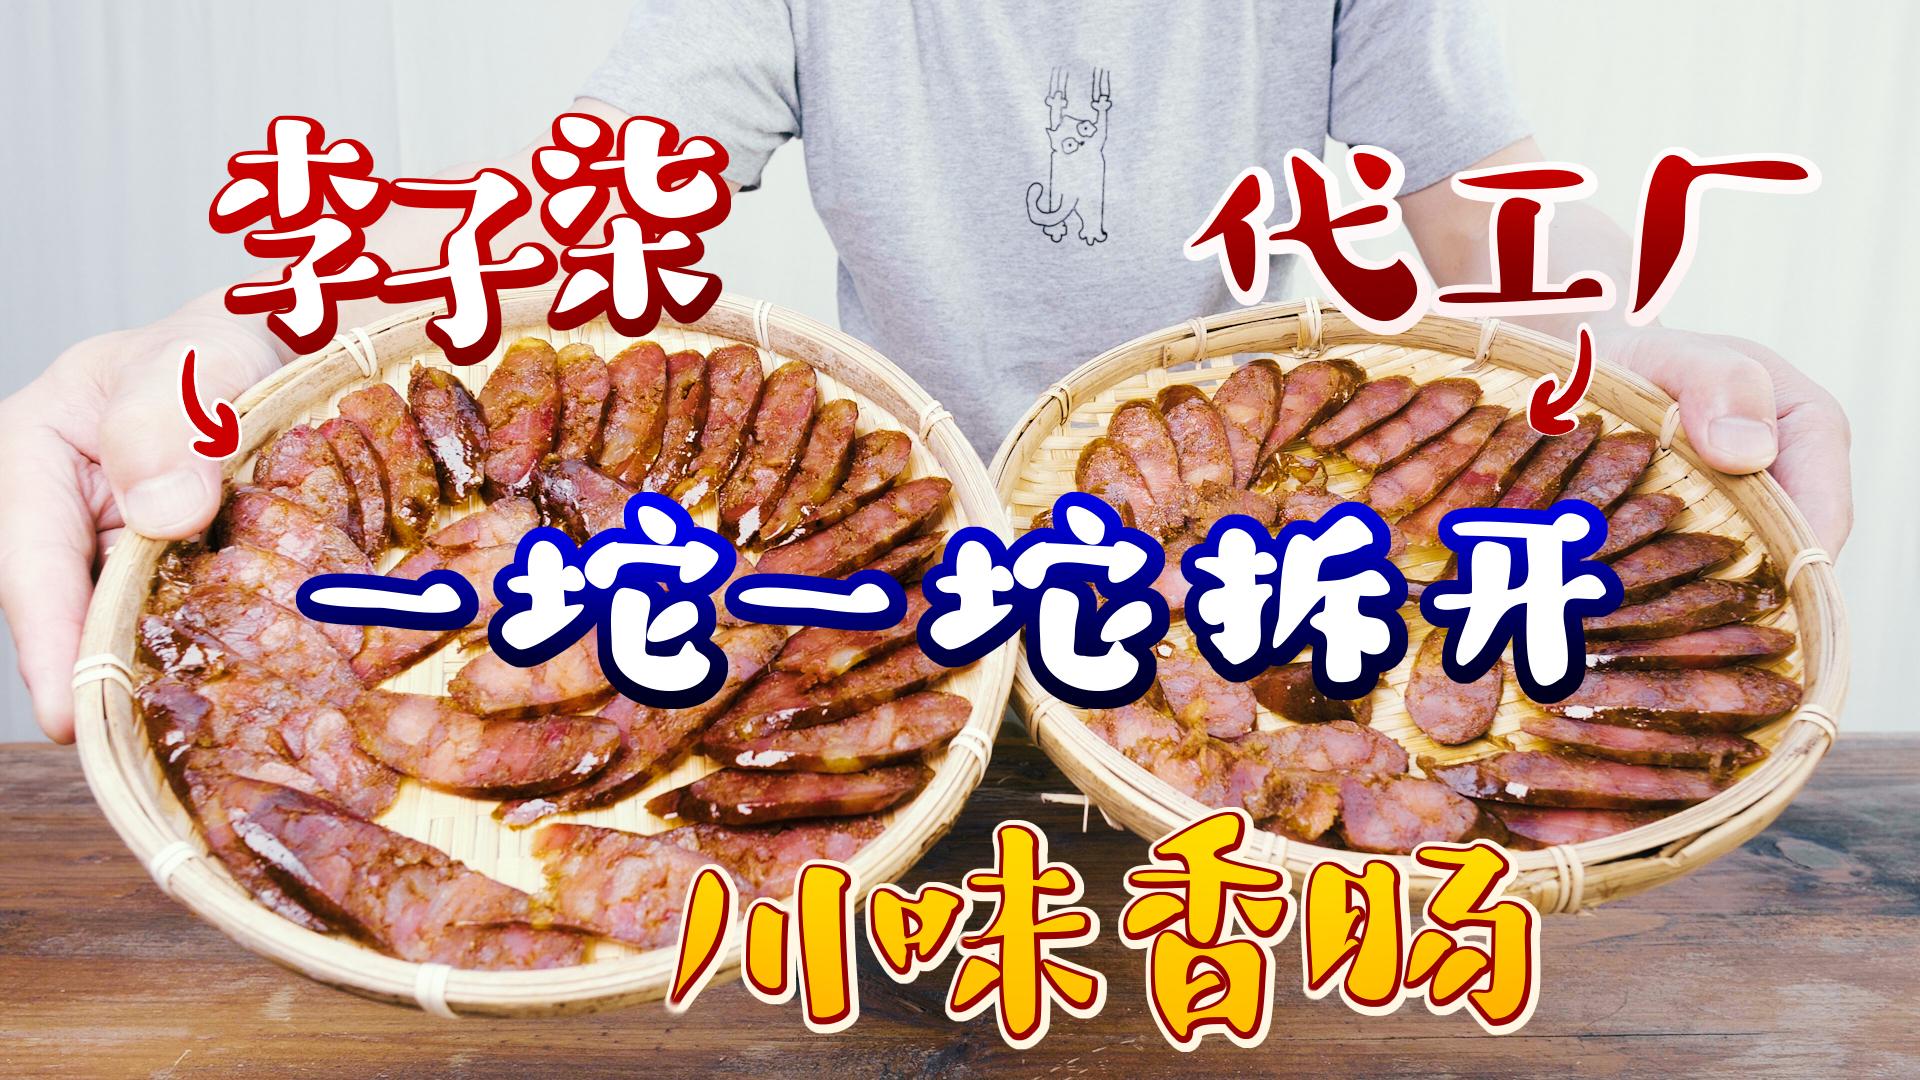 李子柒川味香肠和代工厂的到底有什么差别?一坨一坨掰开详细对比